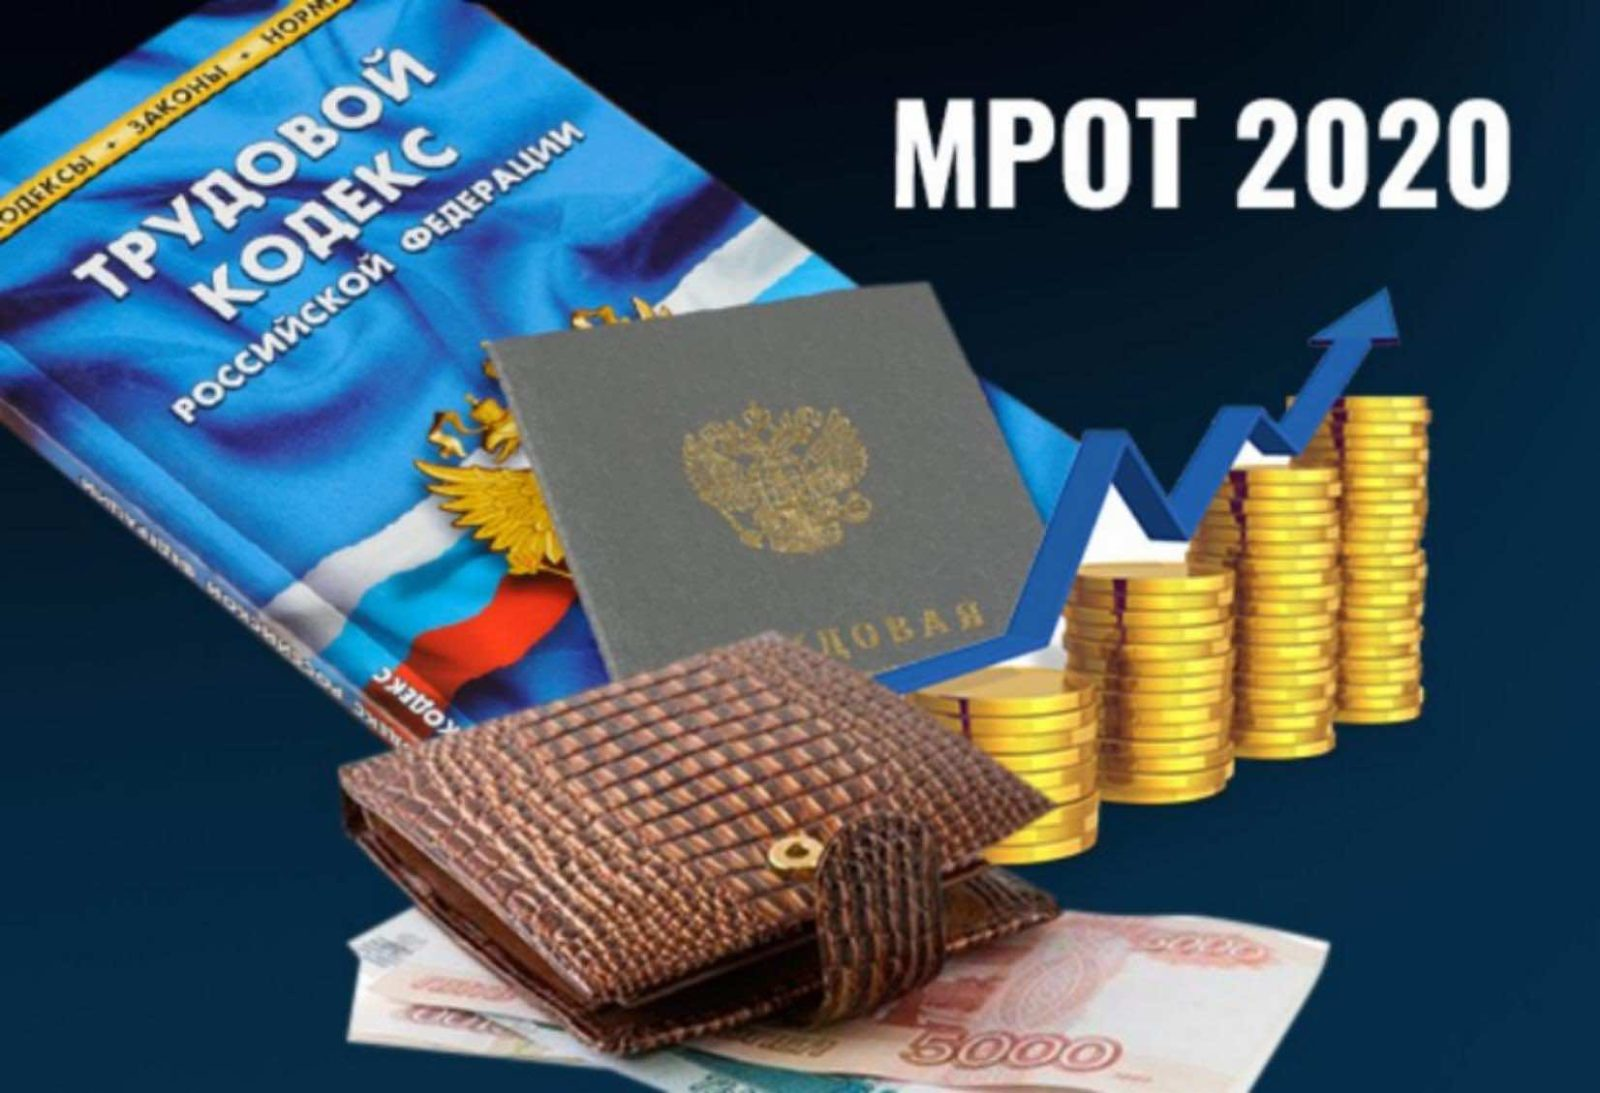 Голикова рассказала о изменения которые произойдут с МРОТ